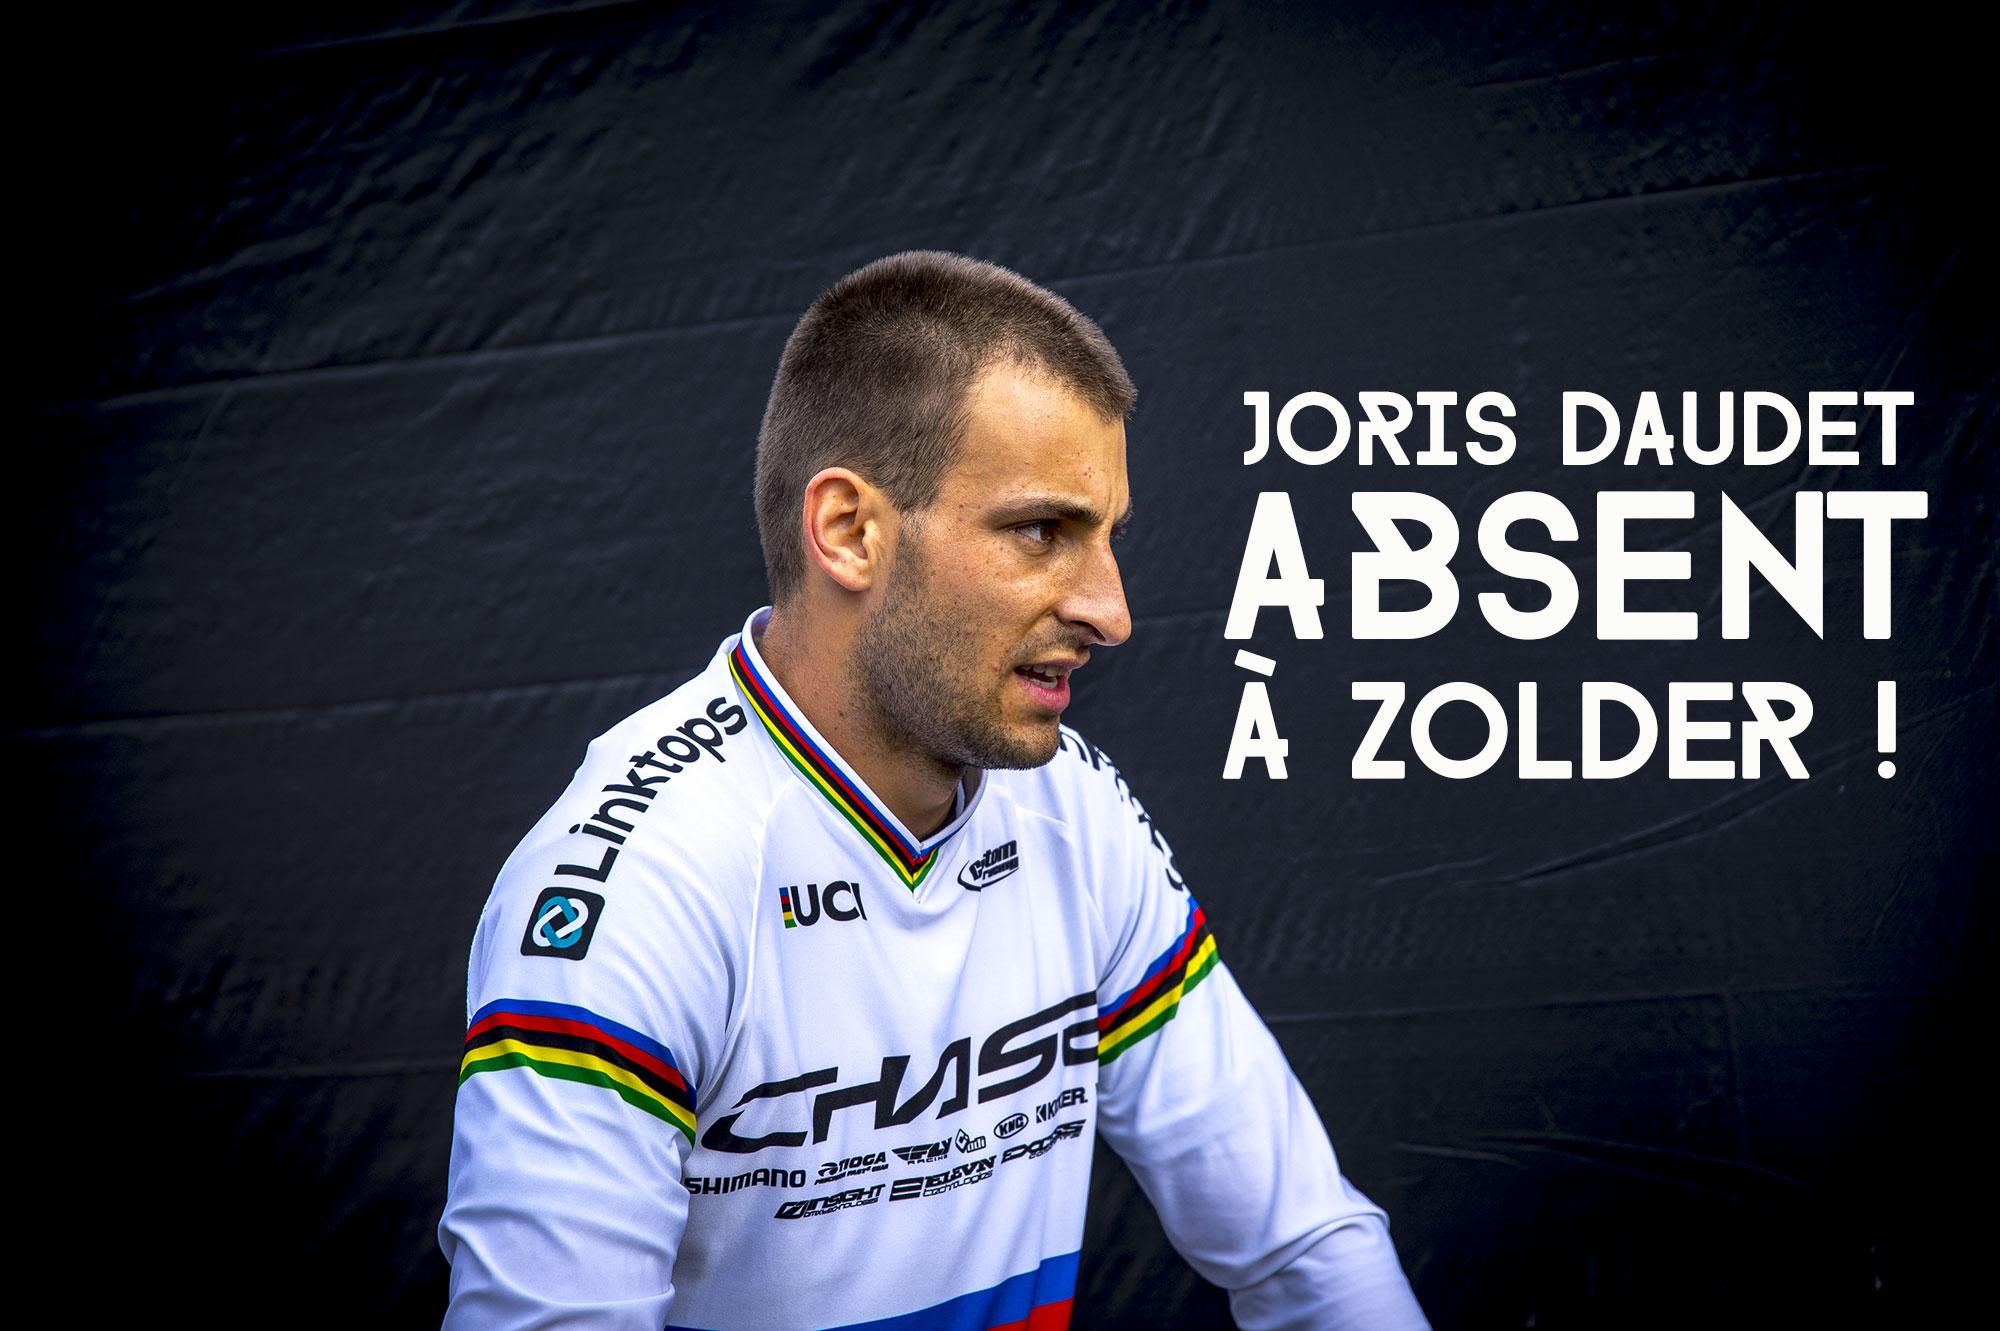 Joris Daudet ne roule pas à Zolder !